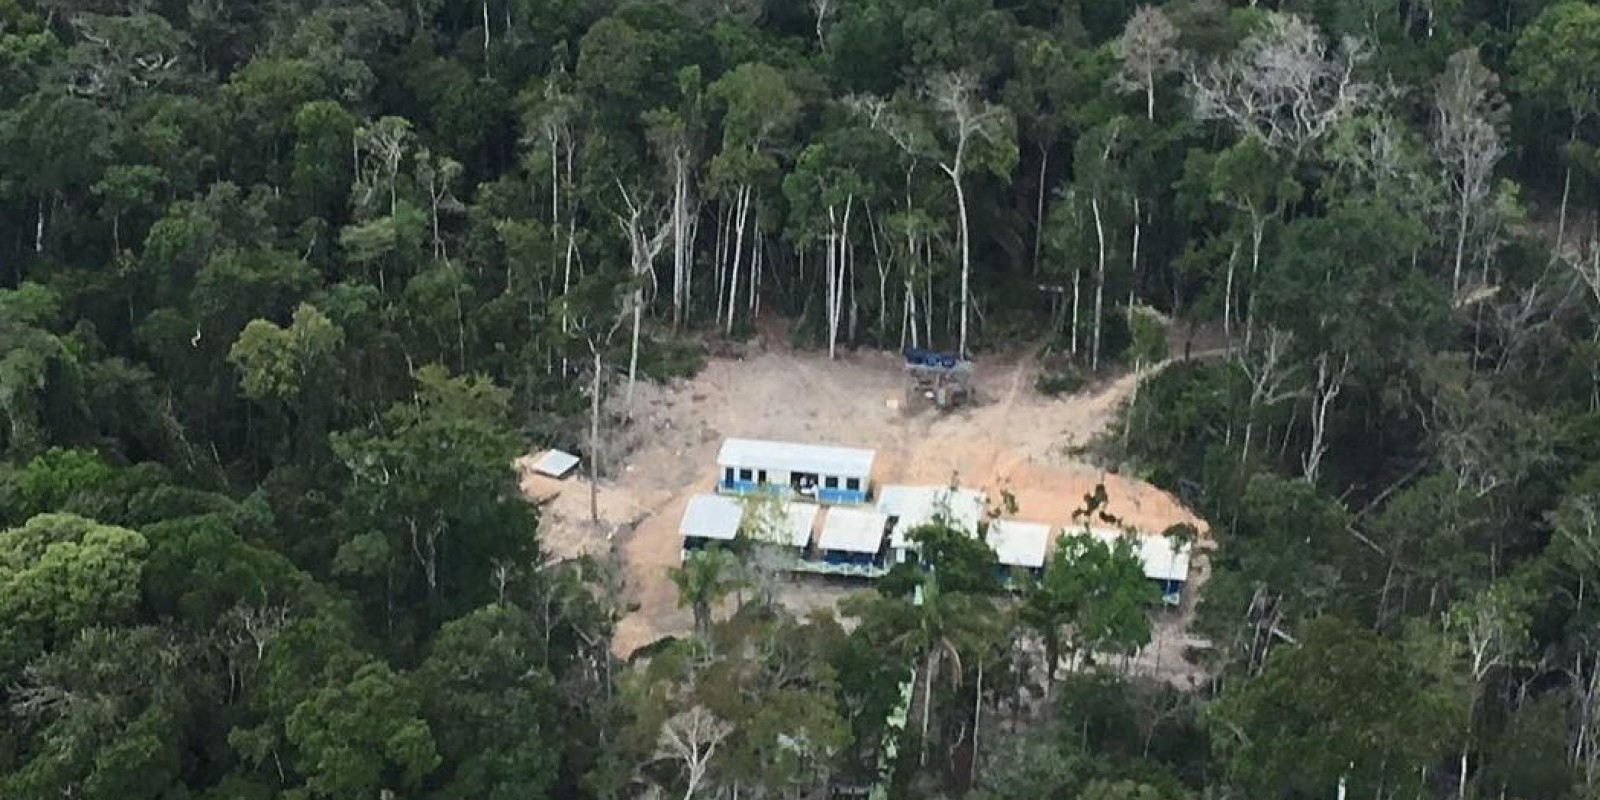 Pousada Acari - Amazônia - Rio Acari - 20 pessoas - Foto 15 de 33